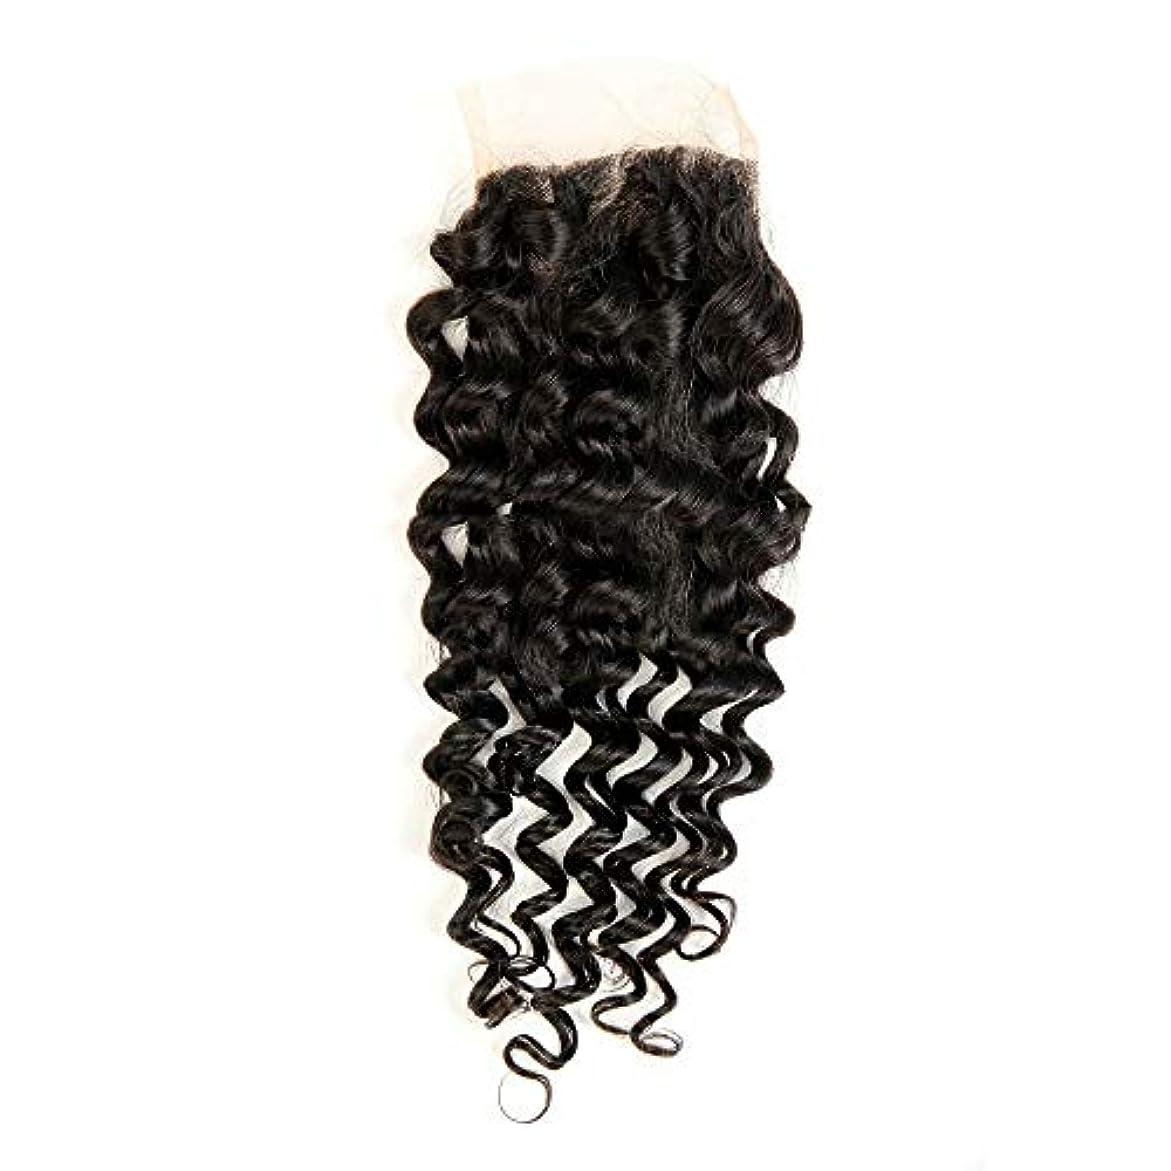 欲求不満ブロックお客様WASAIO 4×4インチディープウェーブレース閉鎖ブラジルバージンレミー人間の髪の毛の閉鎖ナチュラルカラーウィッグ (サイズ : 18 inch)